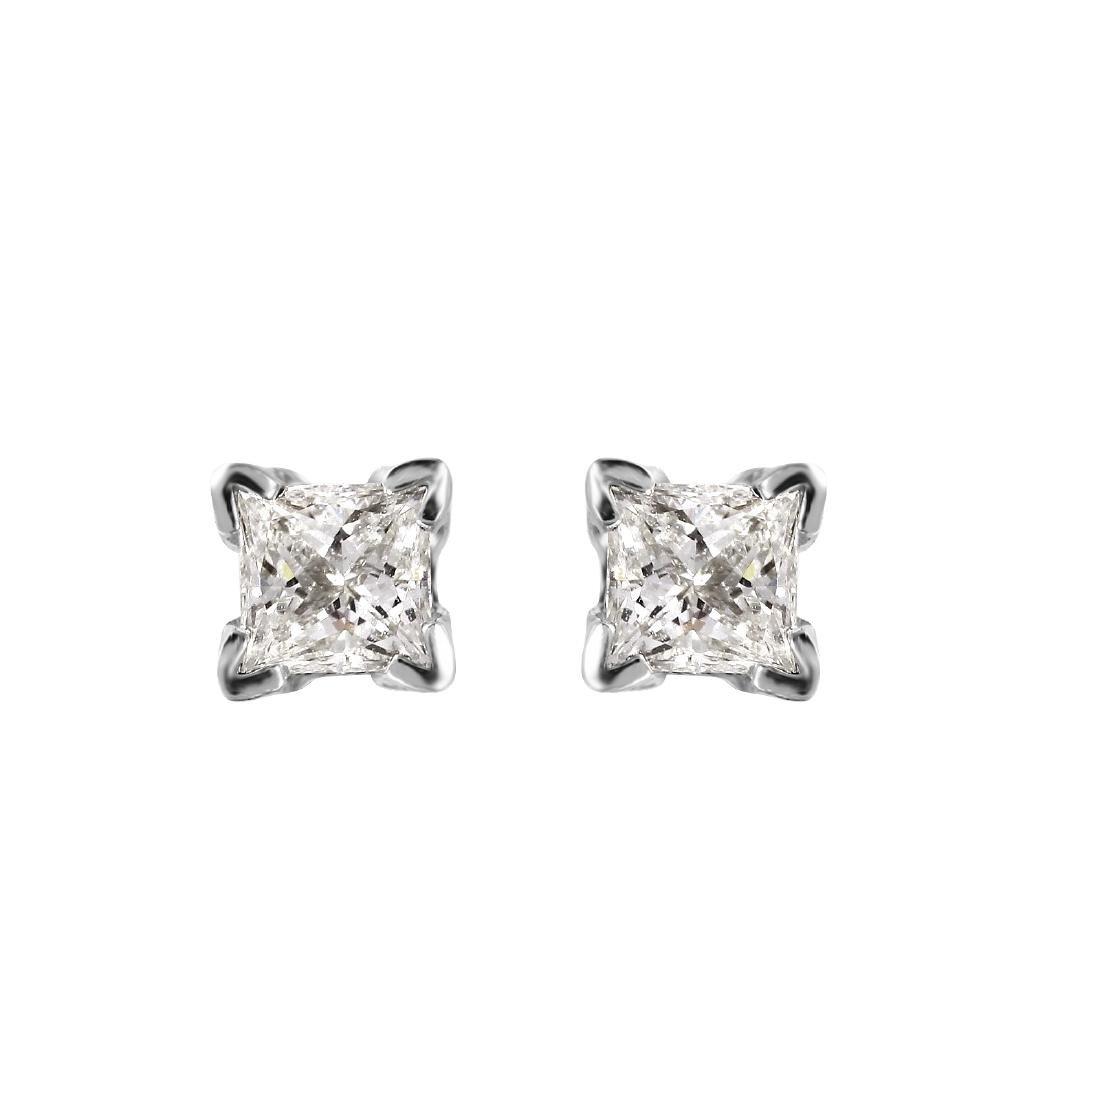 14KT White Gold 0.38ctw Diamond Stud Earrings L1606